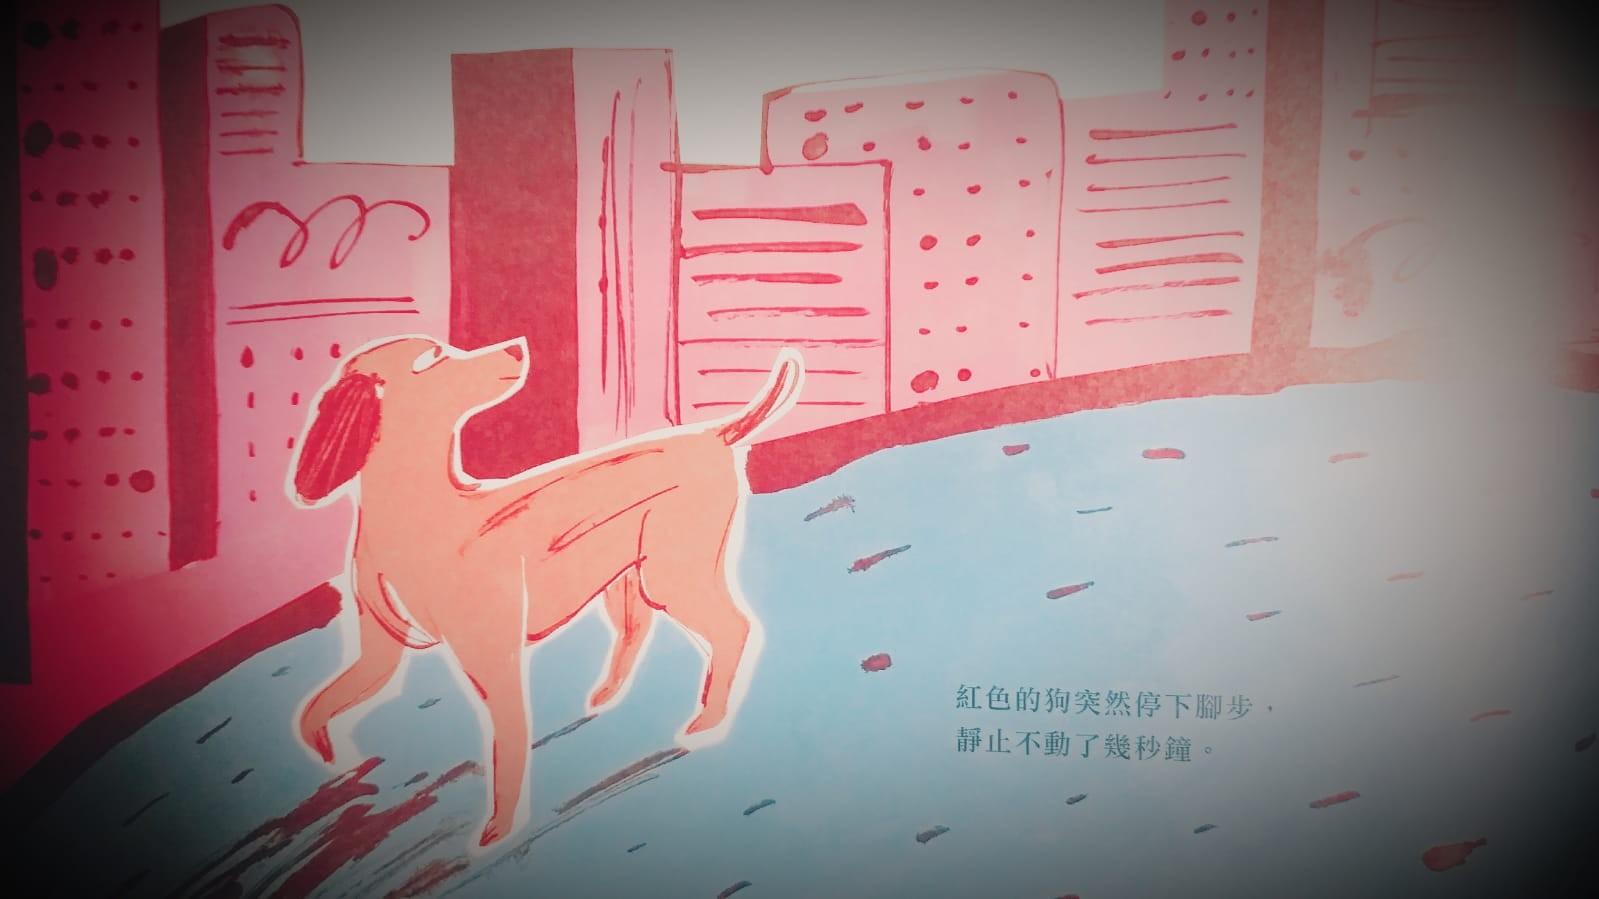 百好繪本士多|悅讀童年主題繪本時間#6月:城市的狗(適合4-7歲孩子和照顧者)